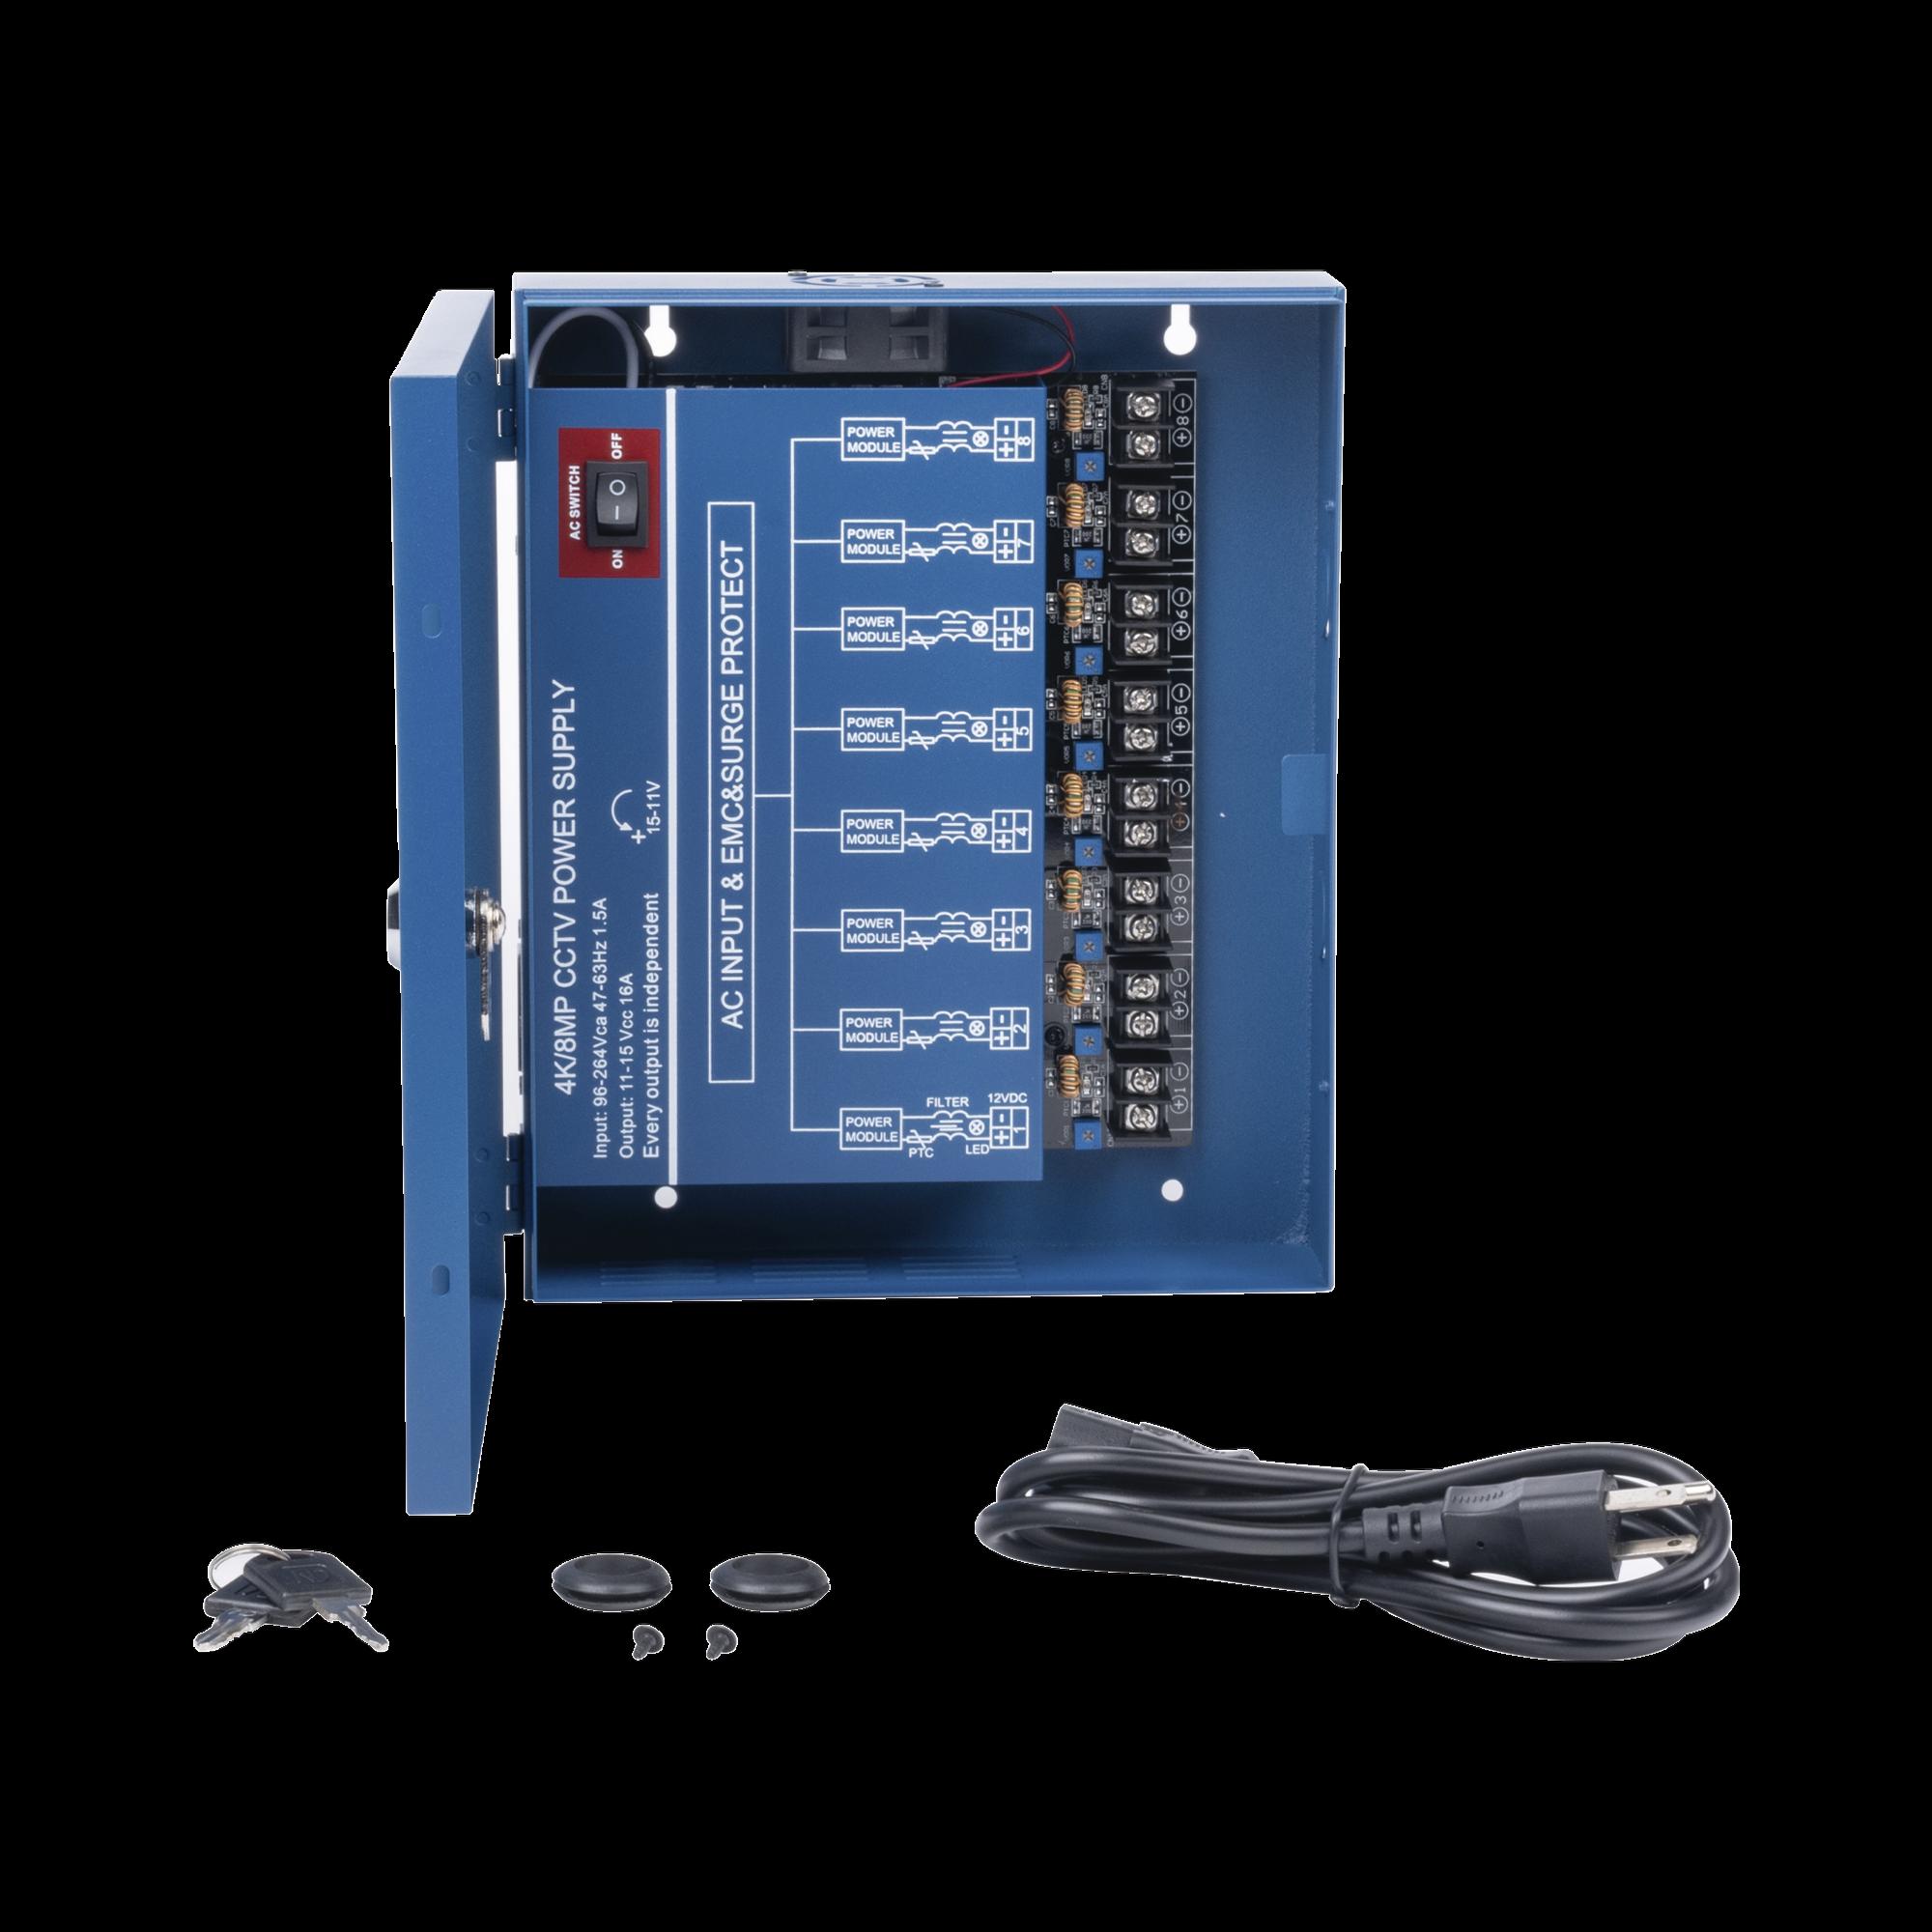 Fuente de poder profesional HEAVY DUTY de 11 - 15 Vcd @ 16 Amper, para hasta 8 cámaras, con voltaje de entrada de: 110-220 Vca / Compatible con cámaras 4K